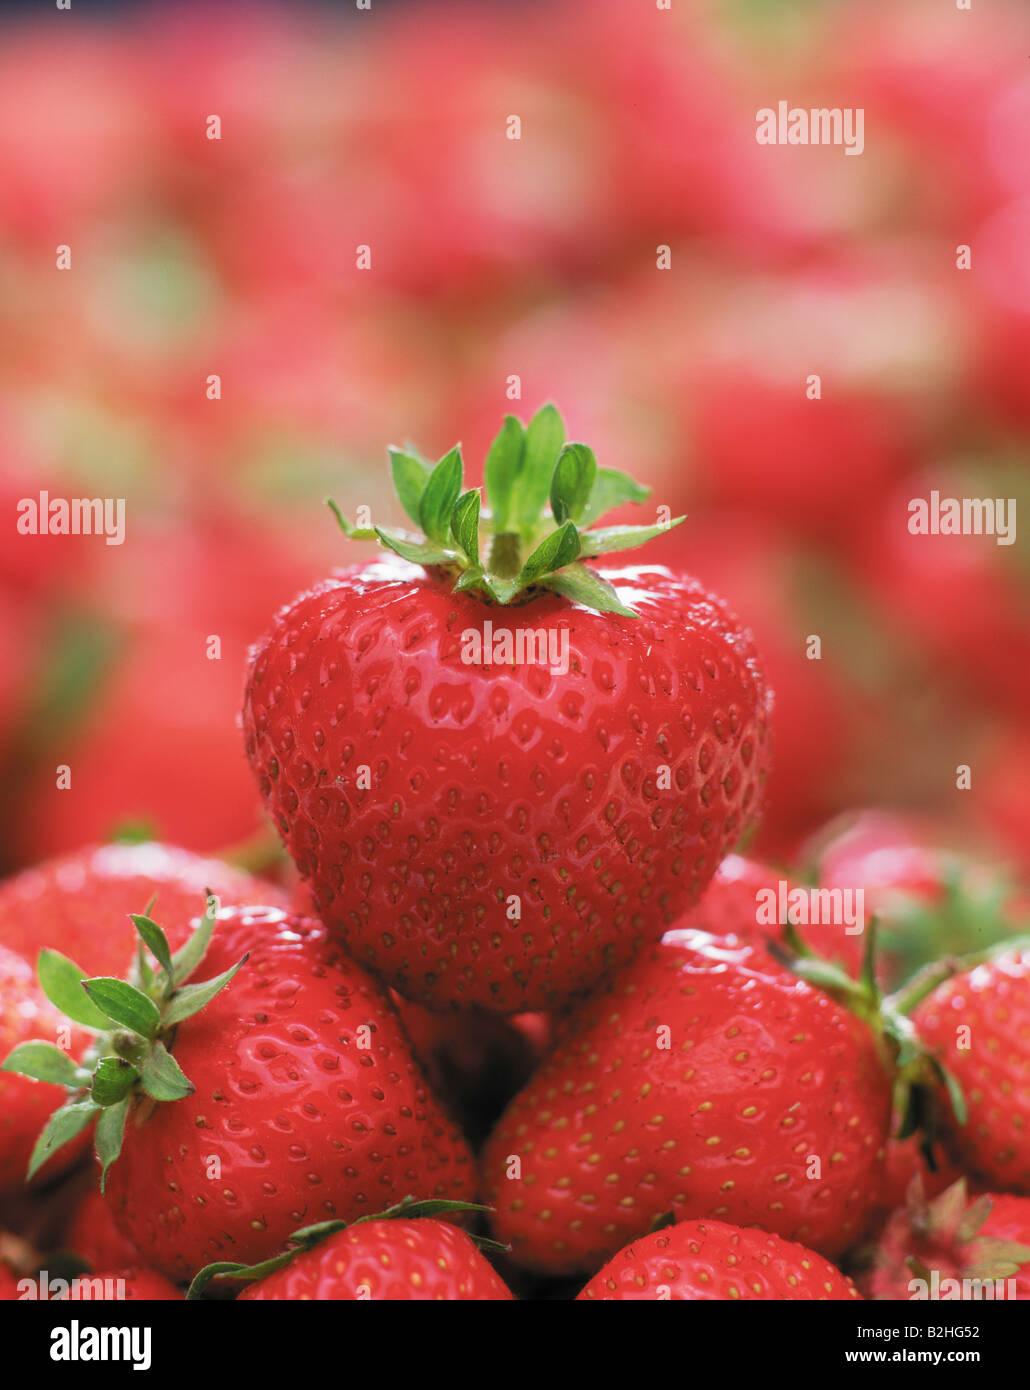 Erdbeere fragaria strawberry fresa sammelnussfruechte obst heilpflanze nahrungsmittel - Stock Image